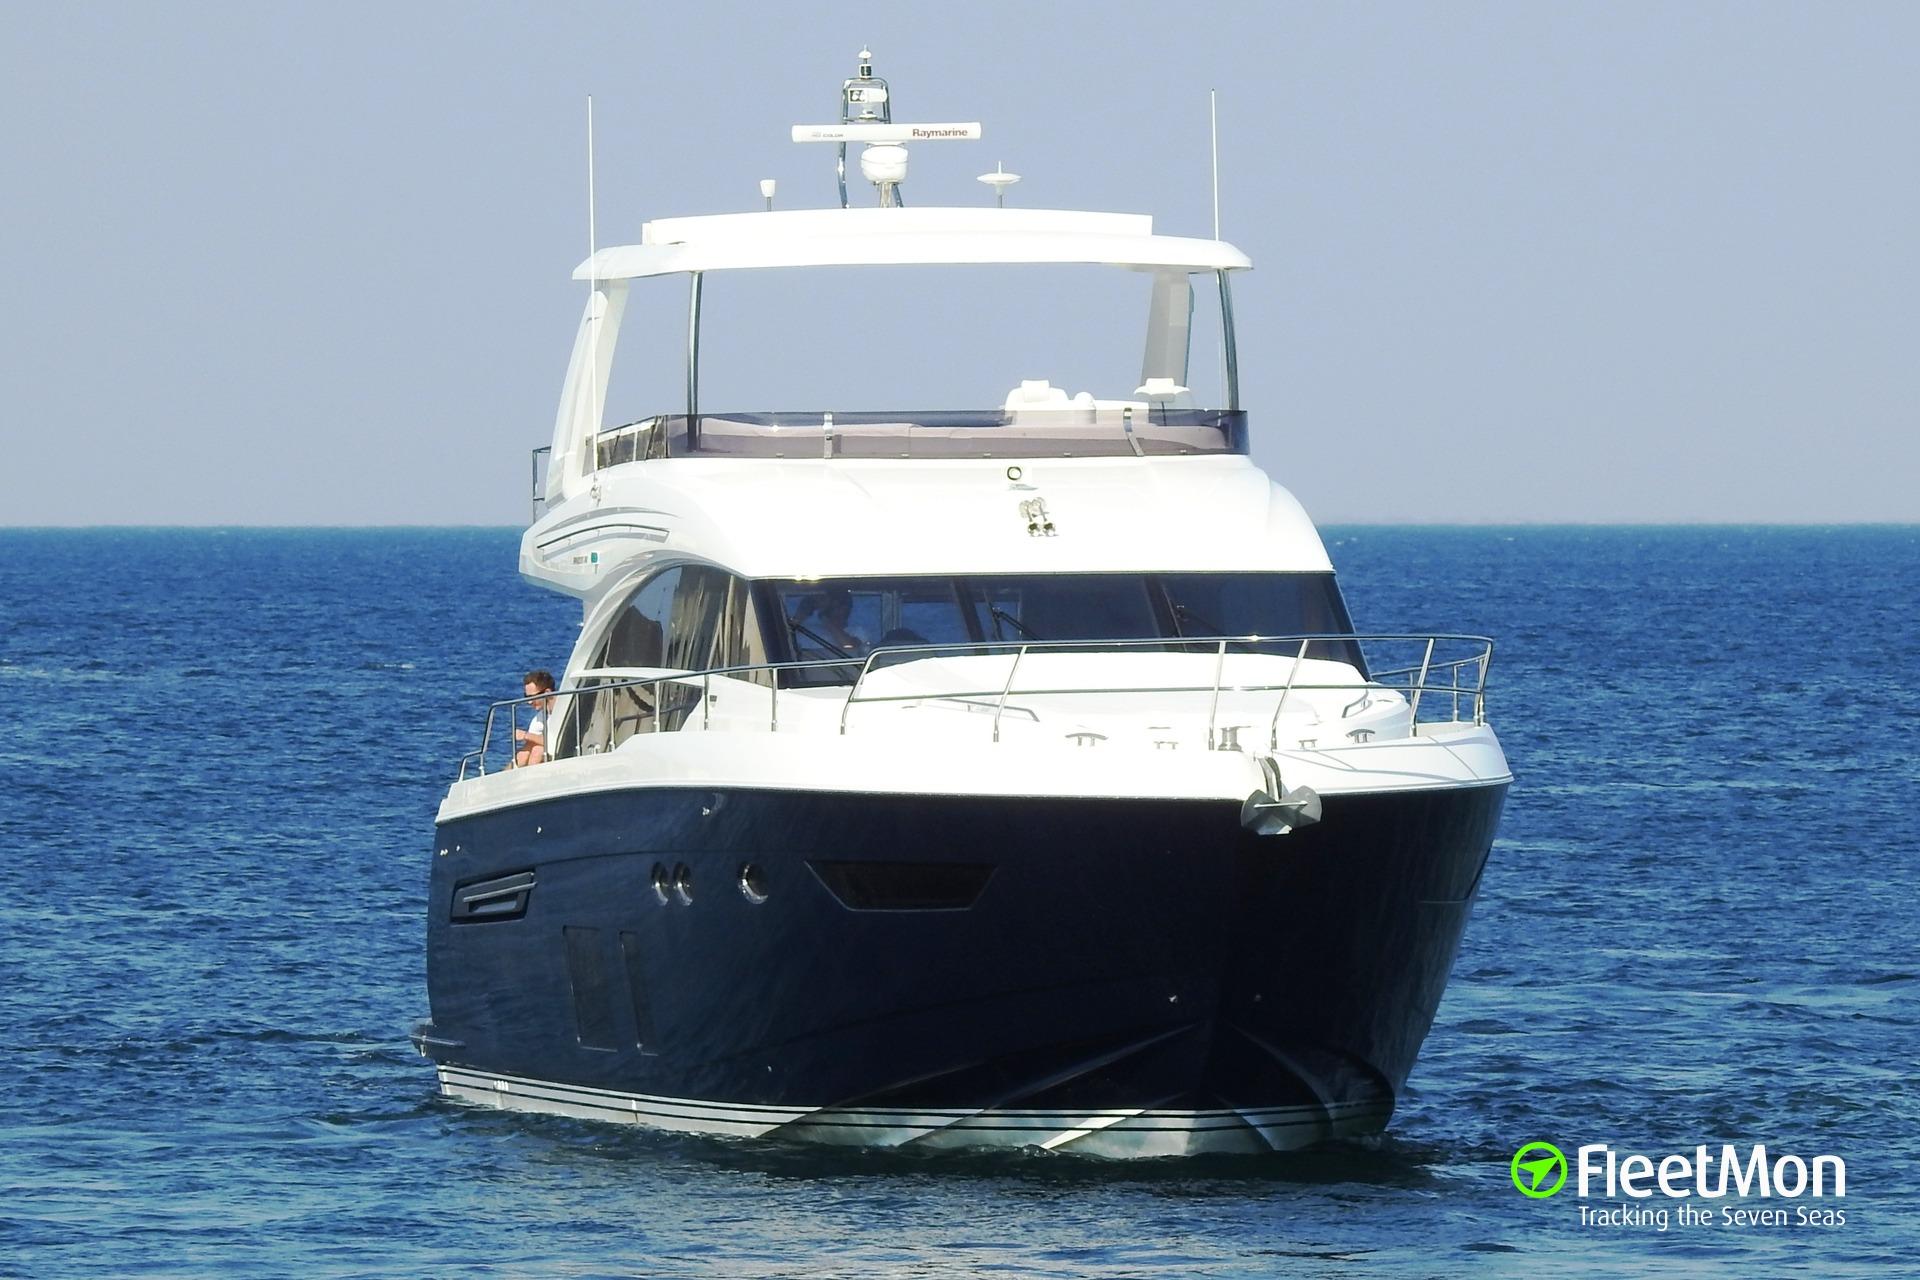 Vessel Tt Ulysses P68 Port Tender Imo Mmsi 983192151